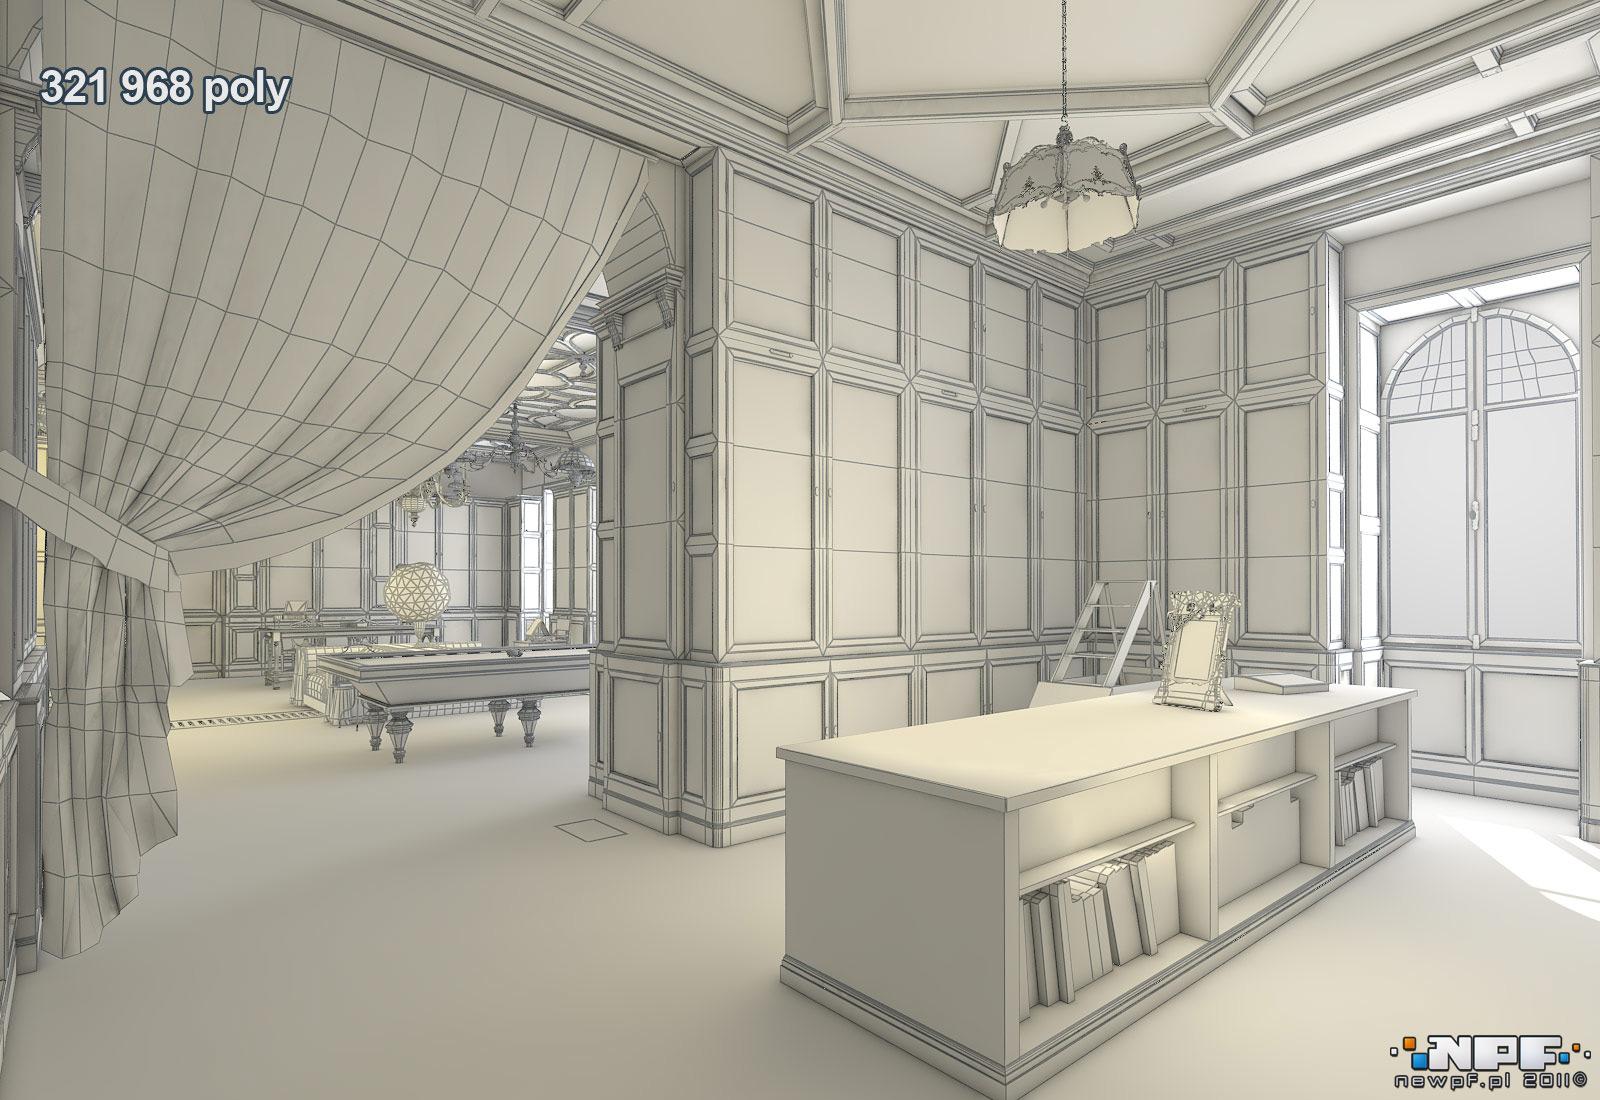 Biblioteka w Łańcucie 7 - model